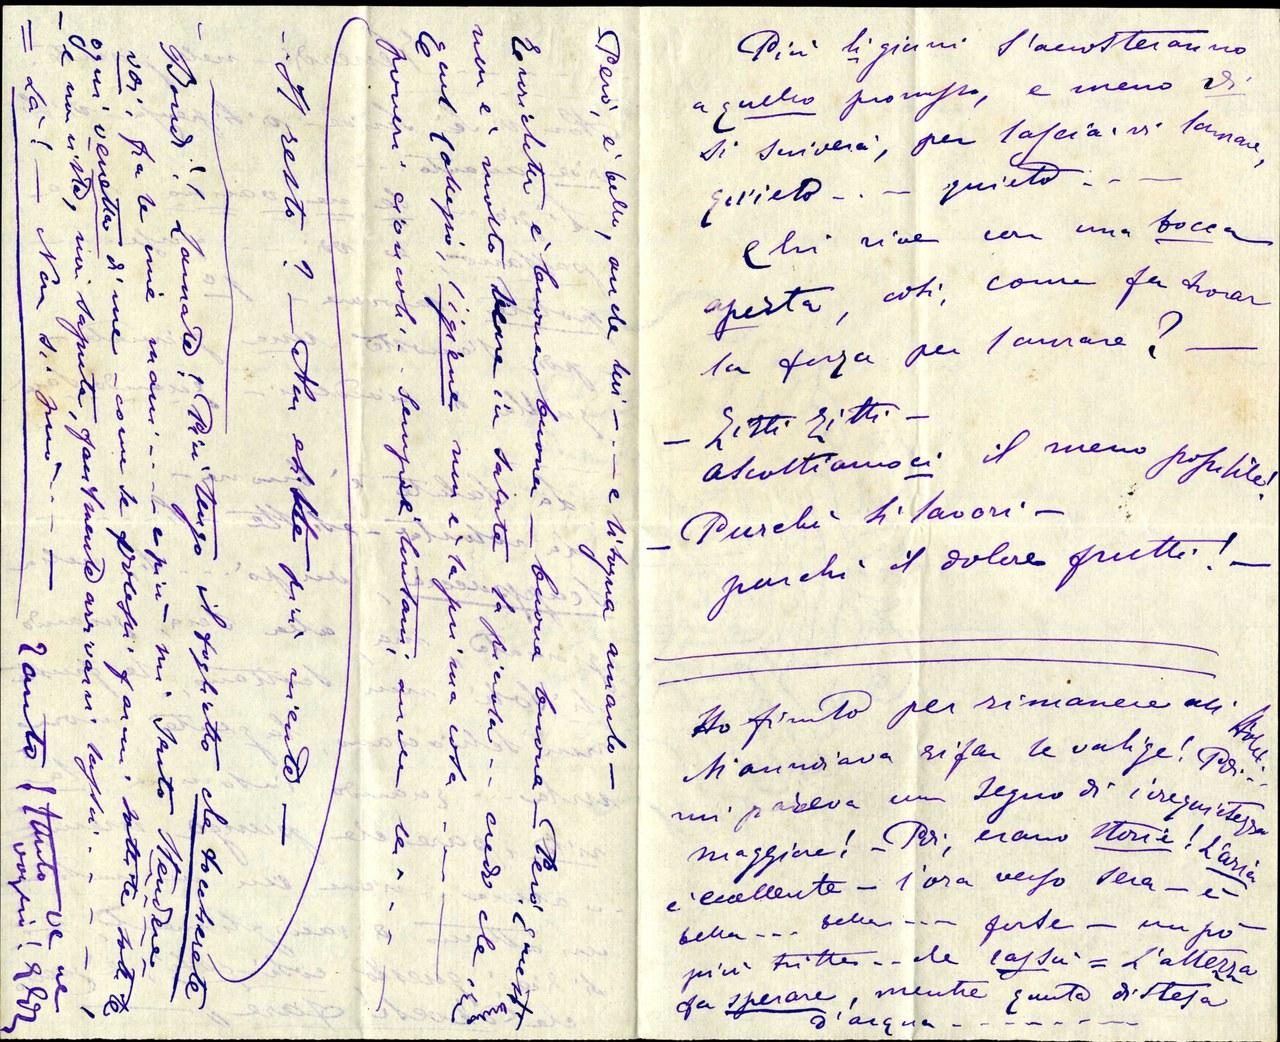 Fig. 2 Lettera di Eleonora Duse ad Arrigo Boito, 23 agosto 1889, Archivio Duse, Istituto per il Teatro e il Melodramma, Fondazione Giorgio Cini, Venezia